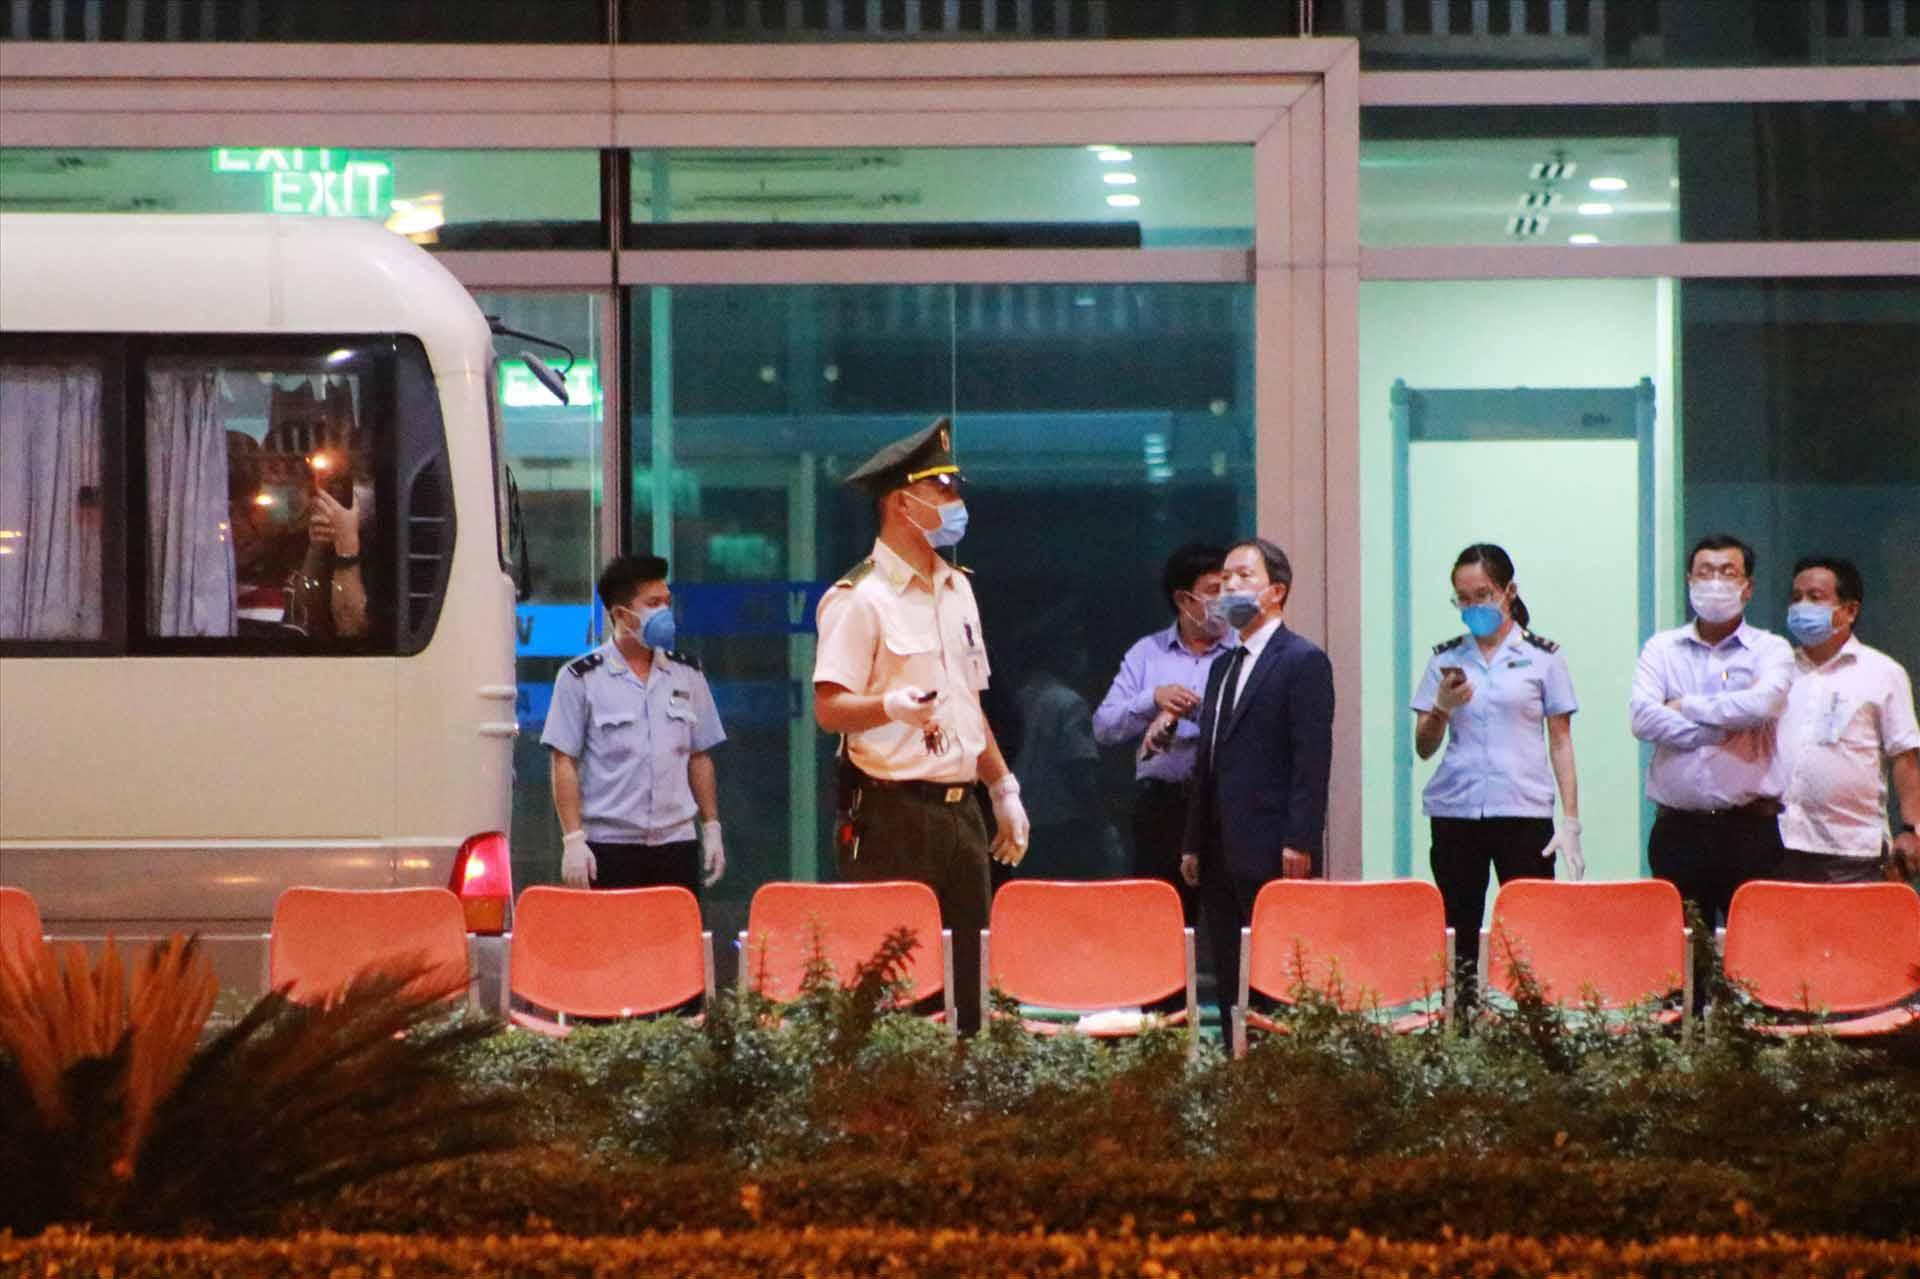 Đoàn khách Hàn Quốc không chịu cách ly đã rời Đà Nẵng lên máy bay về nước - ảnh 5